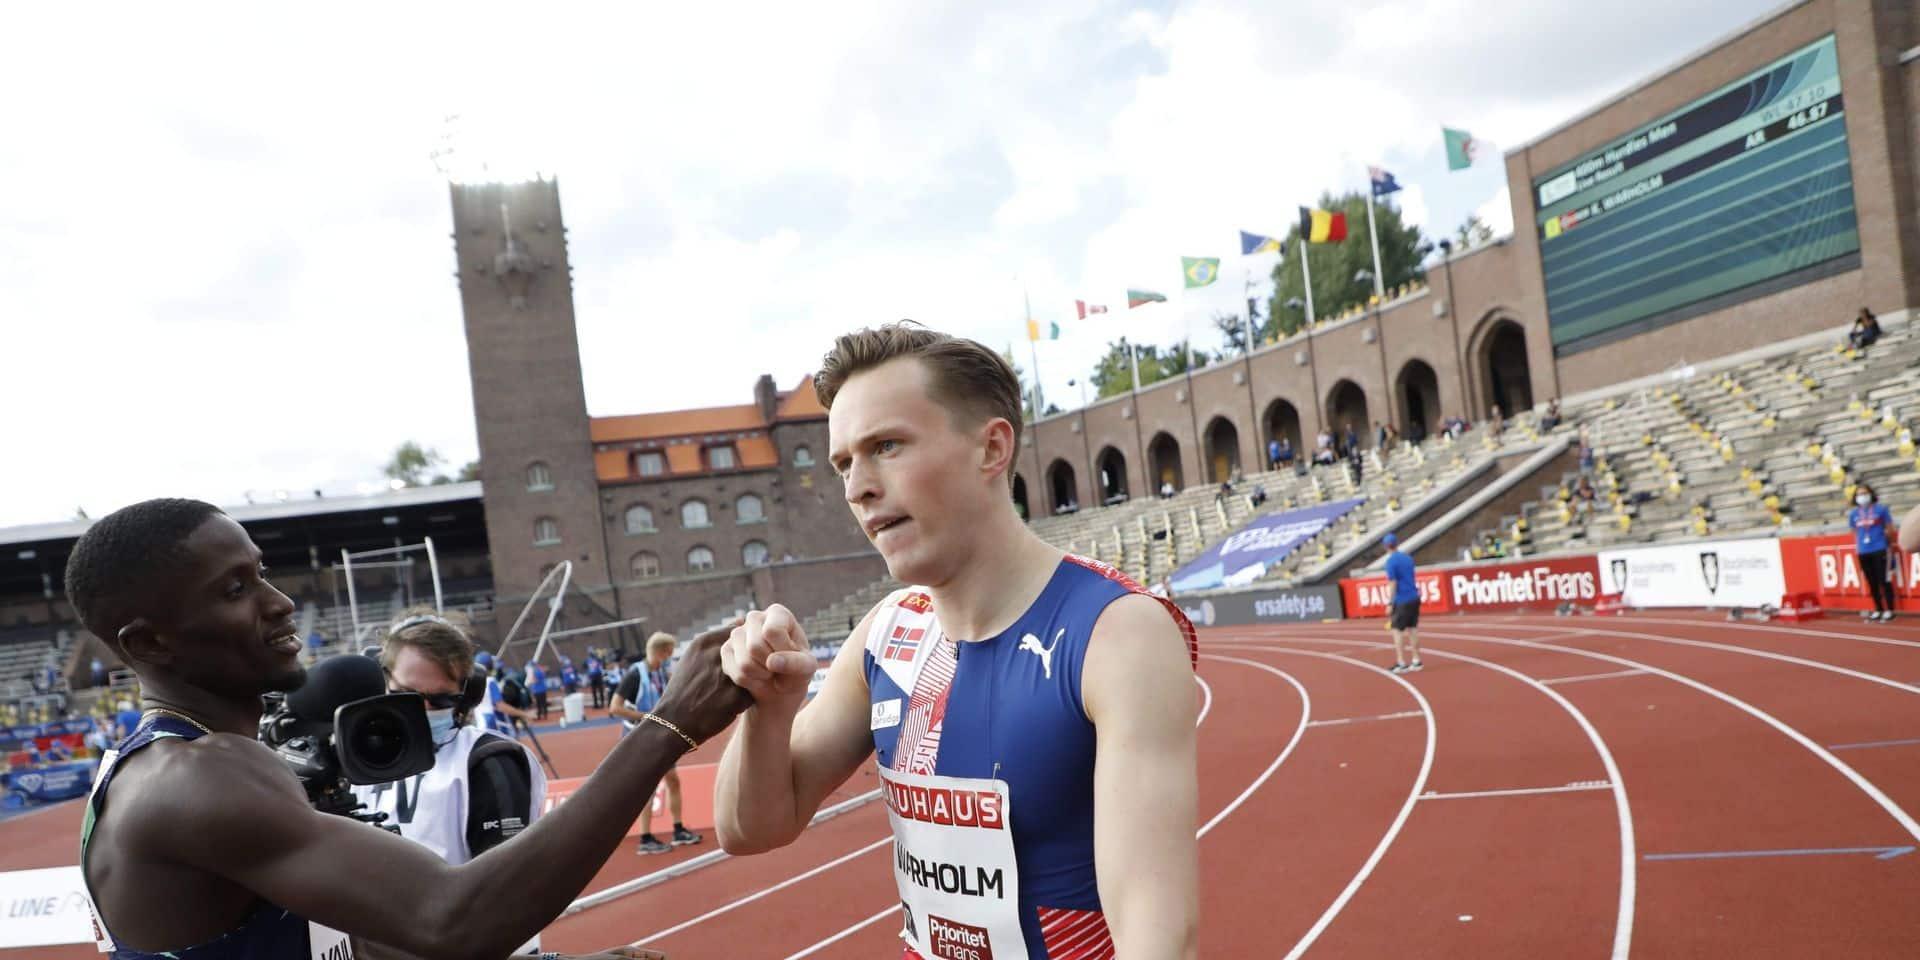 Nouveau record d'Europe pour Karsten Warholm, qui talonne le record du monde du 400m haies